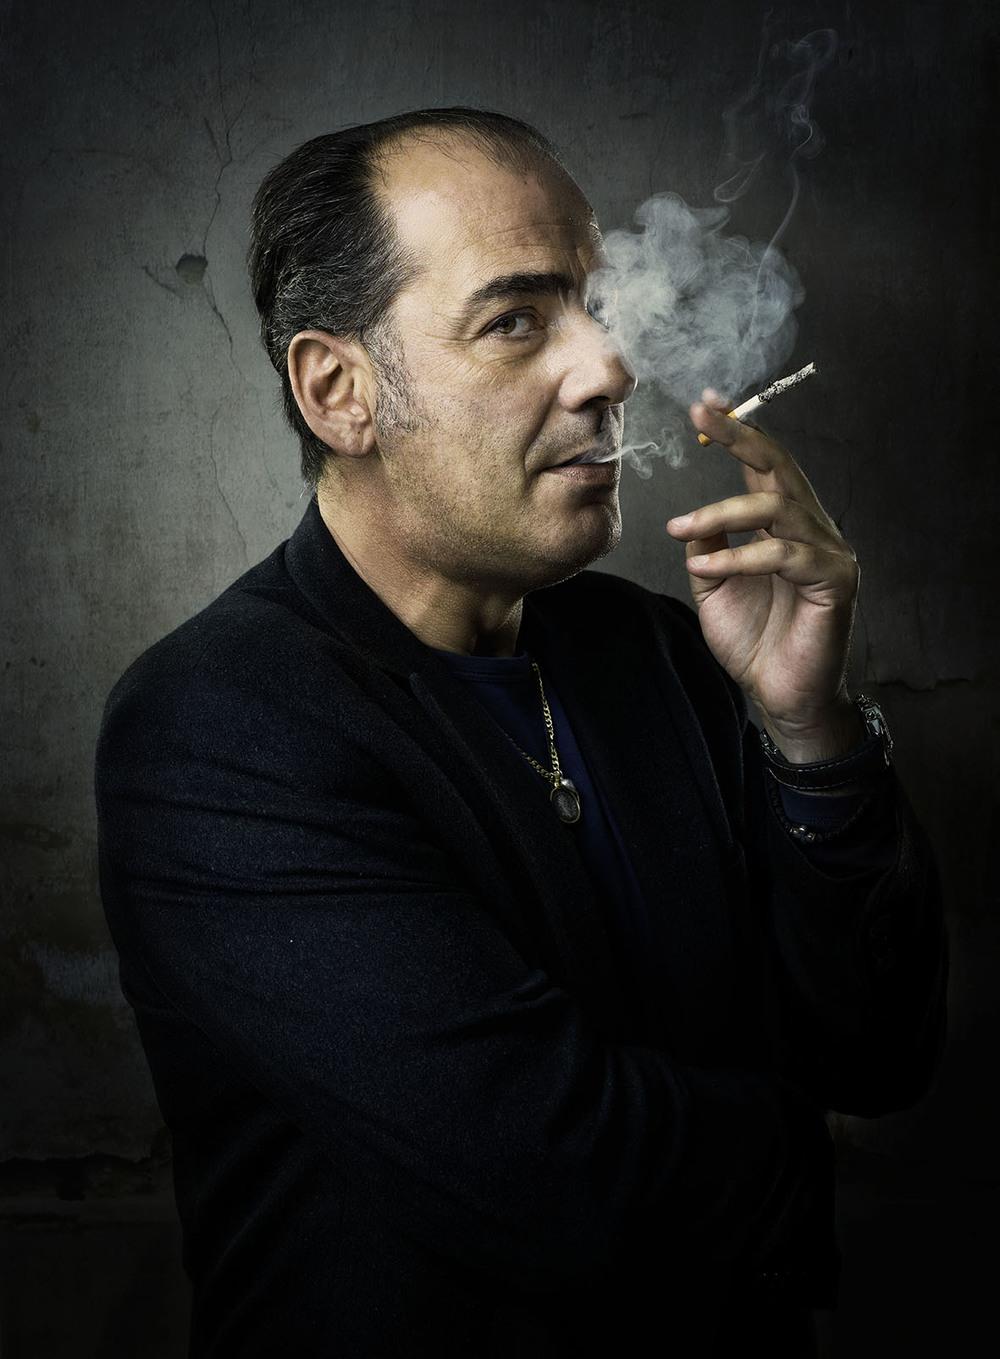 Christos_Smoker02_Low.jpg